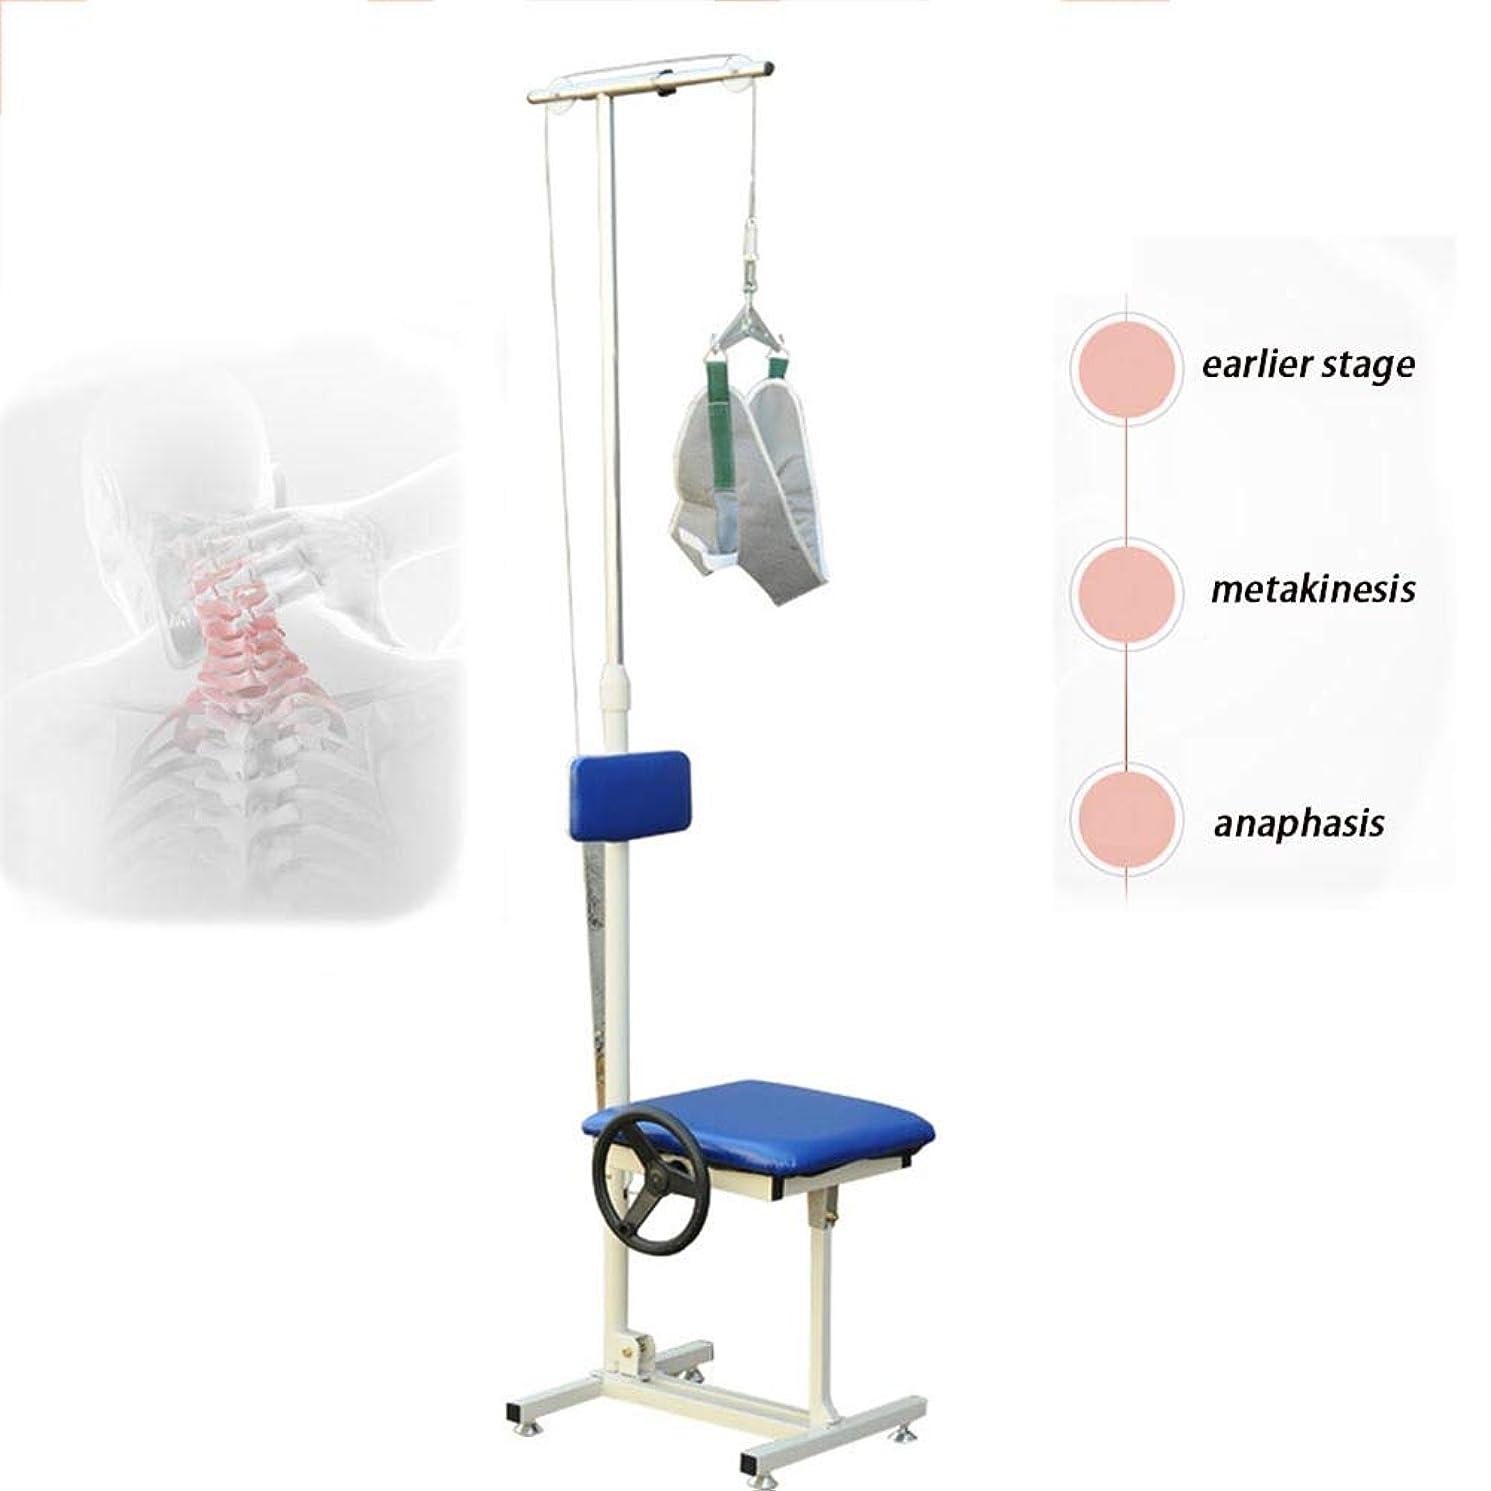 バウンス円周電報ぶら下げ首頸部ストレッチャー、トラクターポータブル健康保護具、椅子治療頸椎矯正フレームぶら下げ首